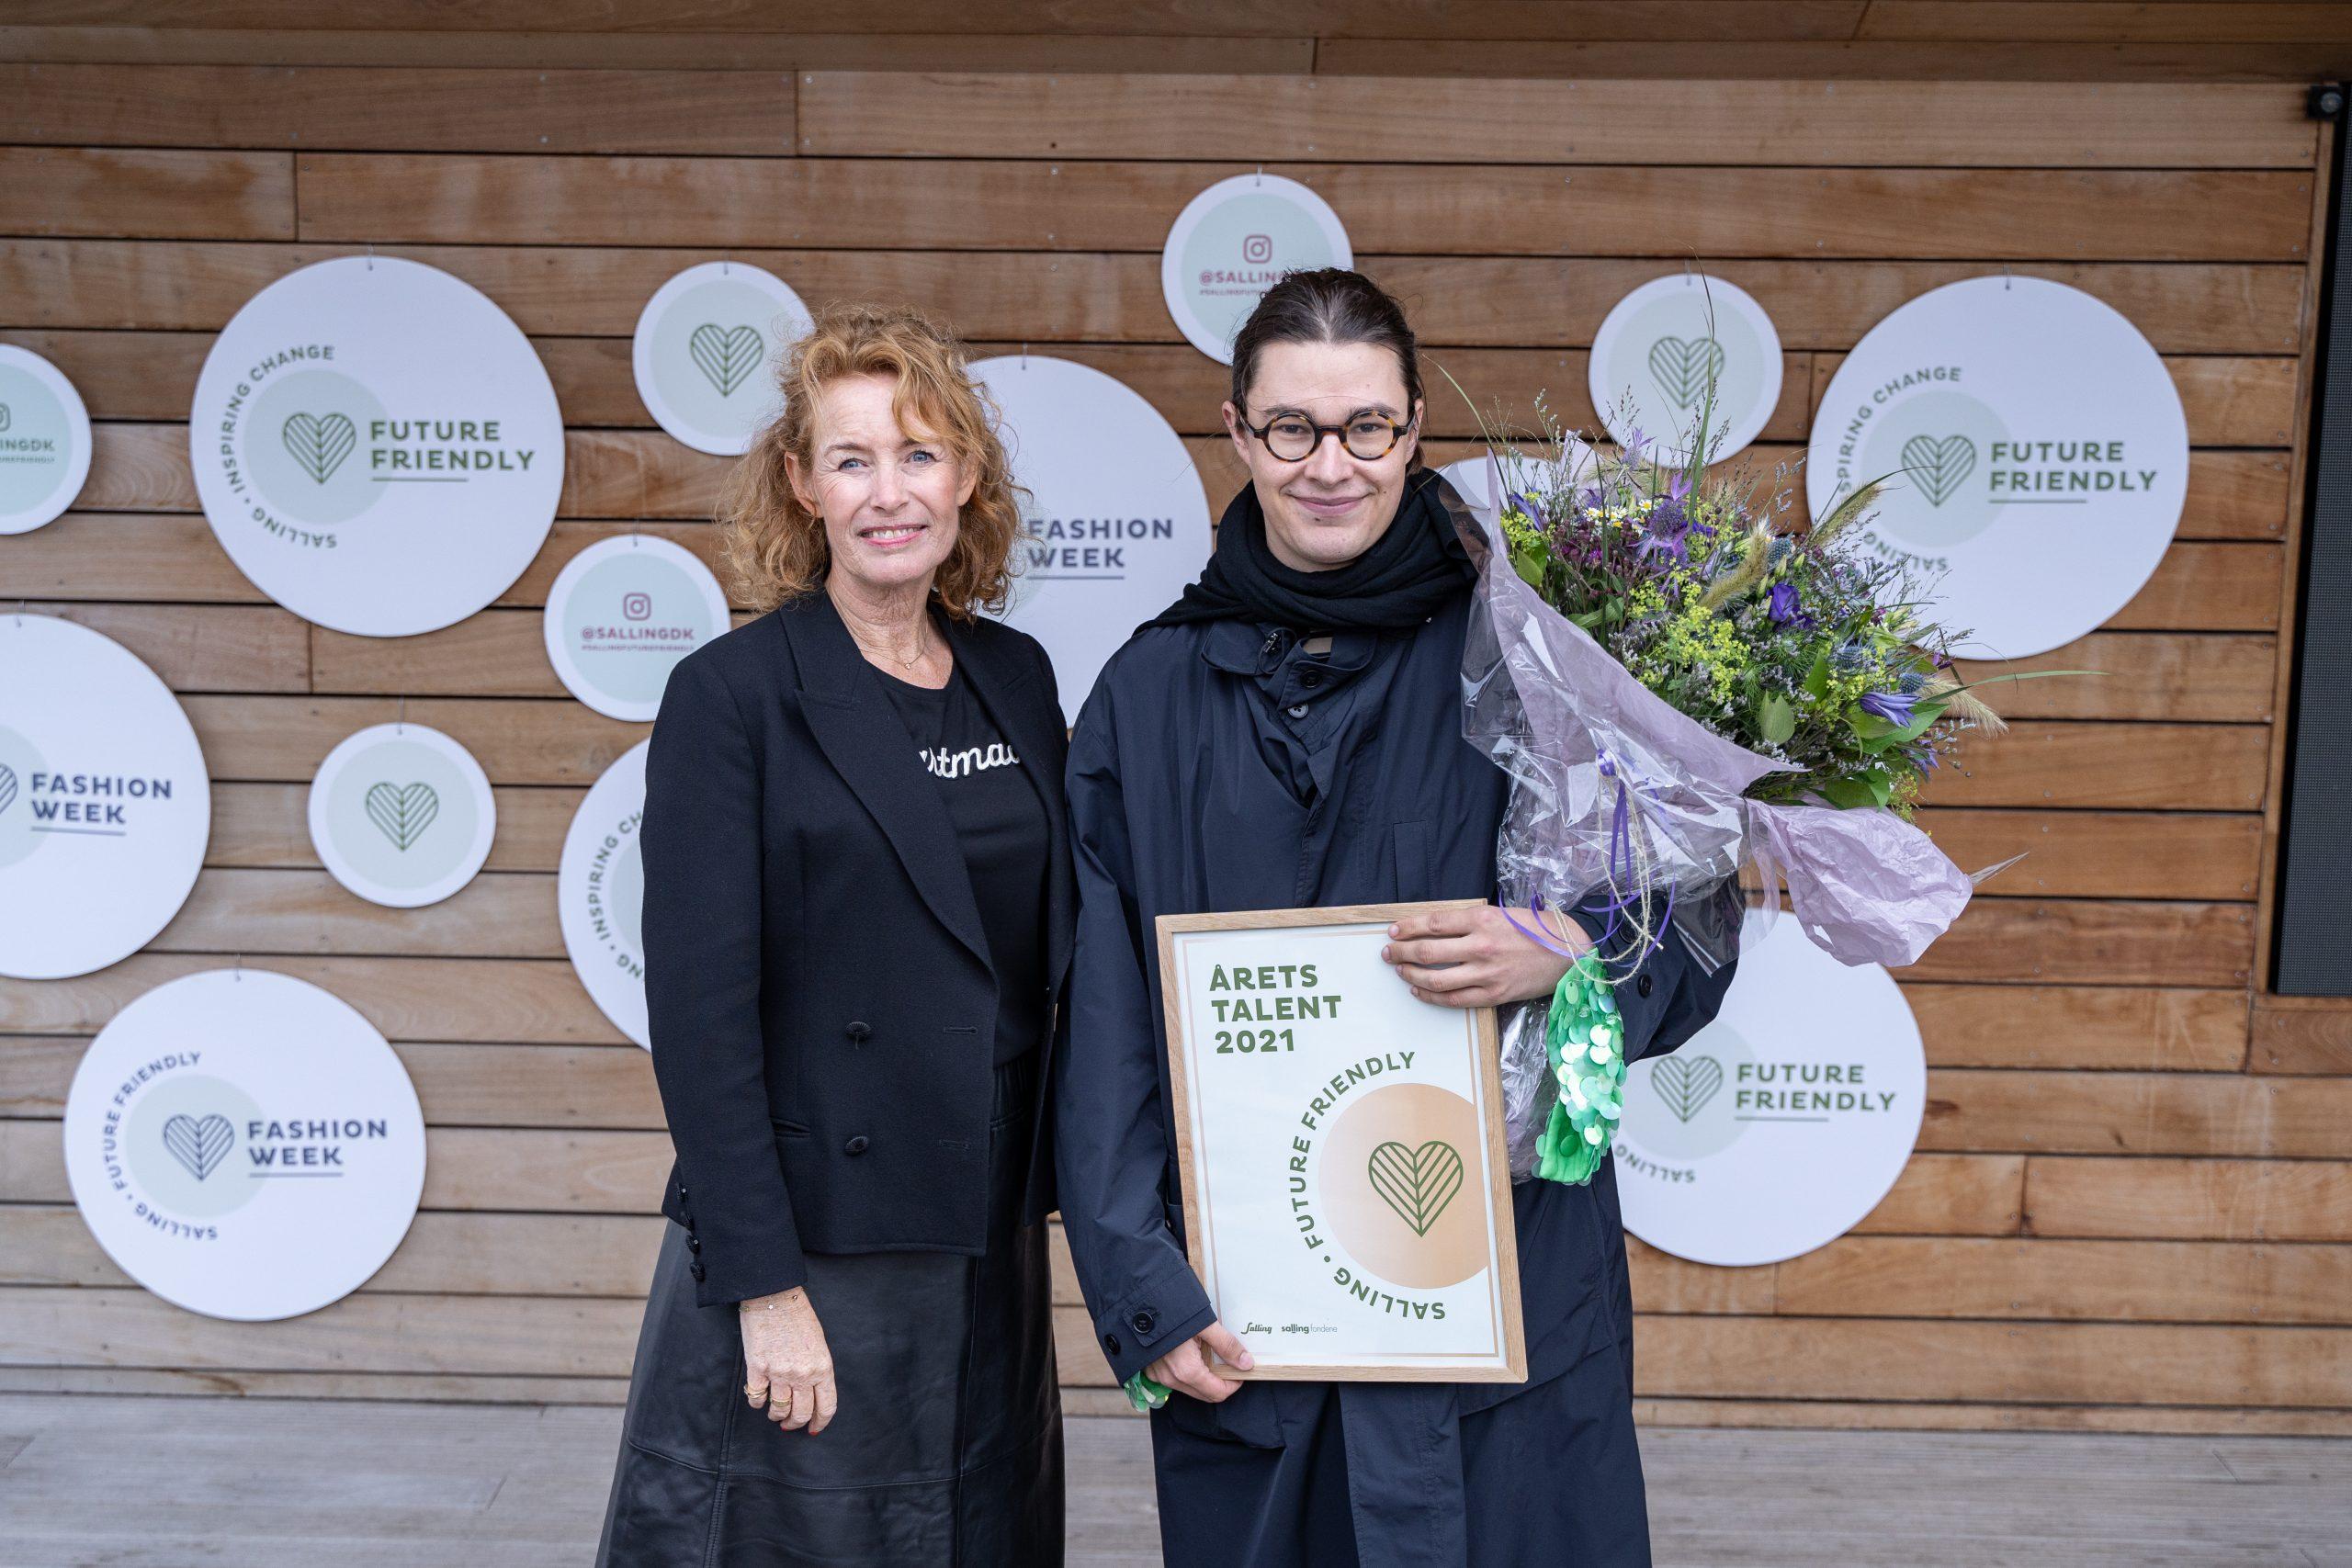 Salling hylder bæredygtig mode: Her er vinderne af årets awards